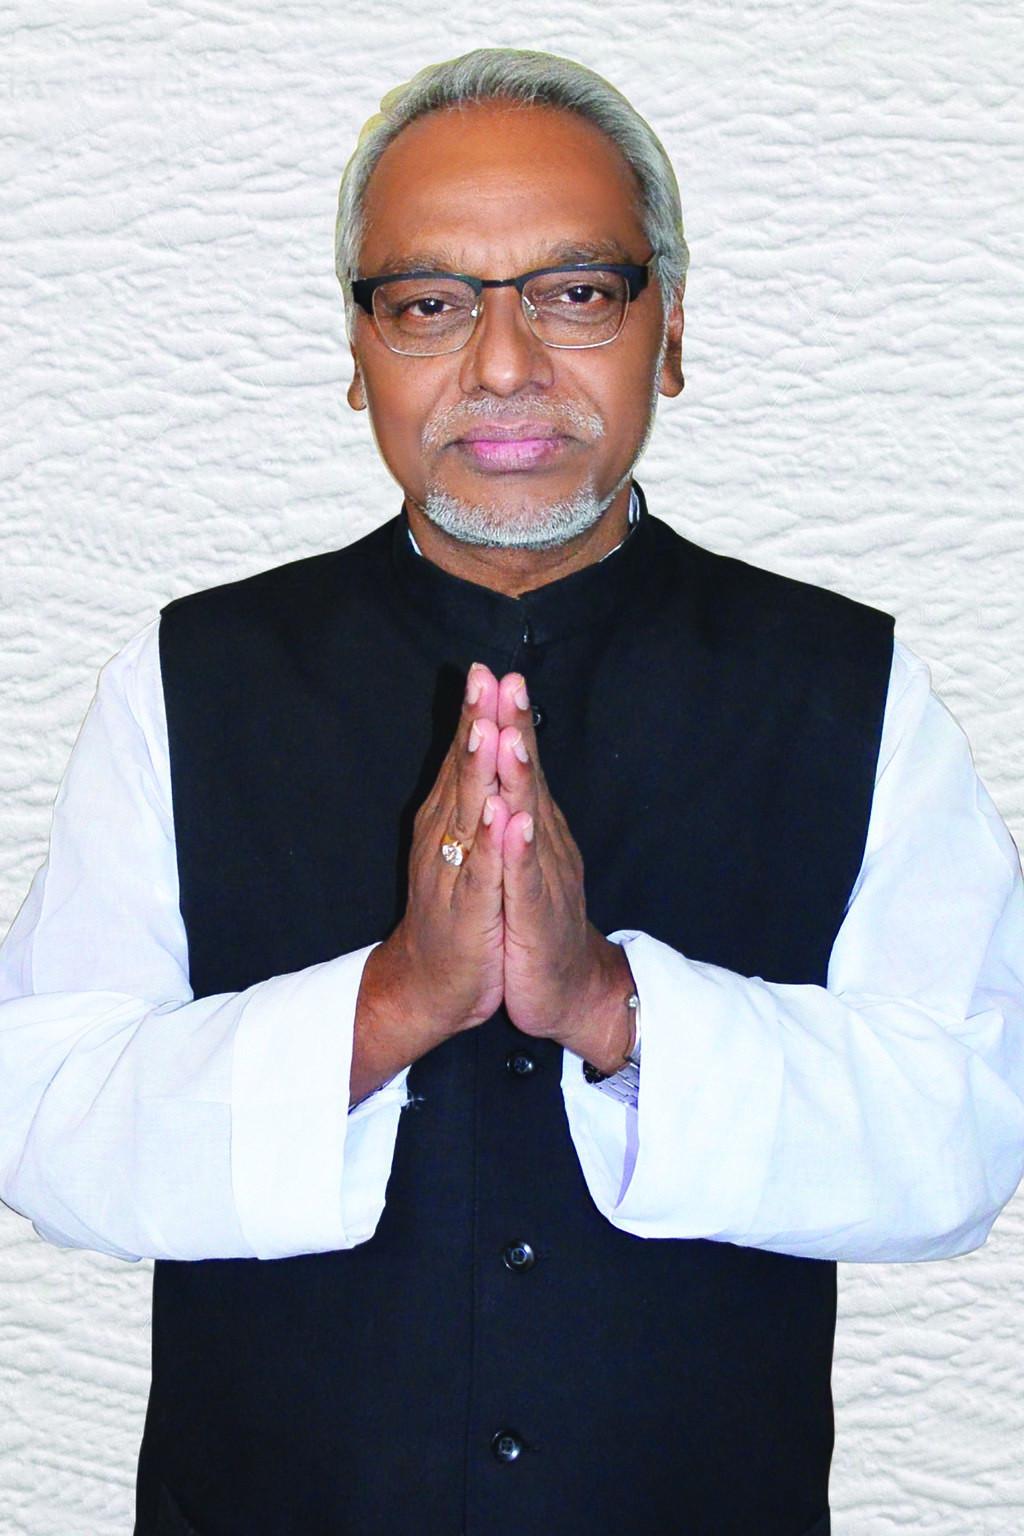 rashhataraya-ekata-ra-akhanaedataparata-paranae-paratavathathha-chha-manatara-mahata-874232.jpeg